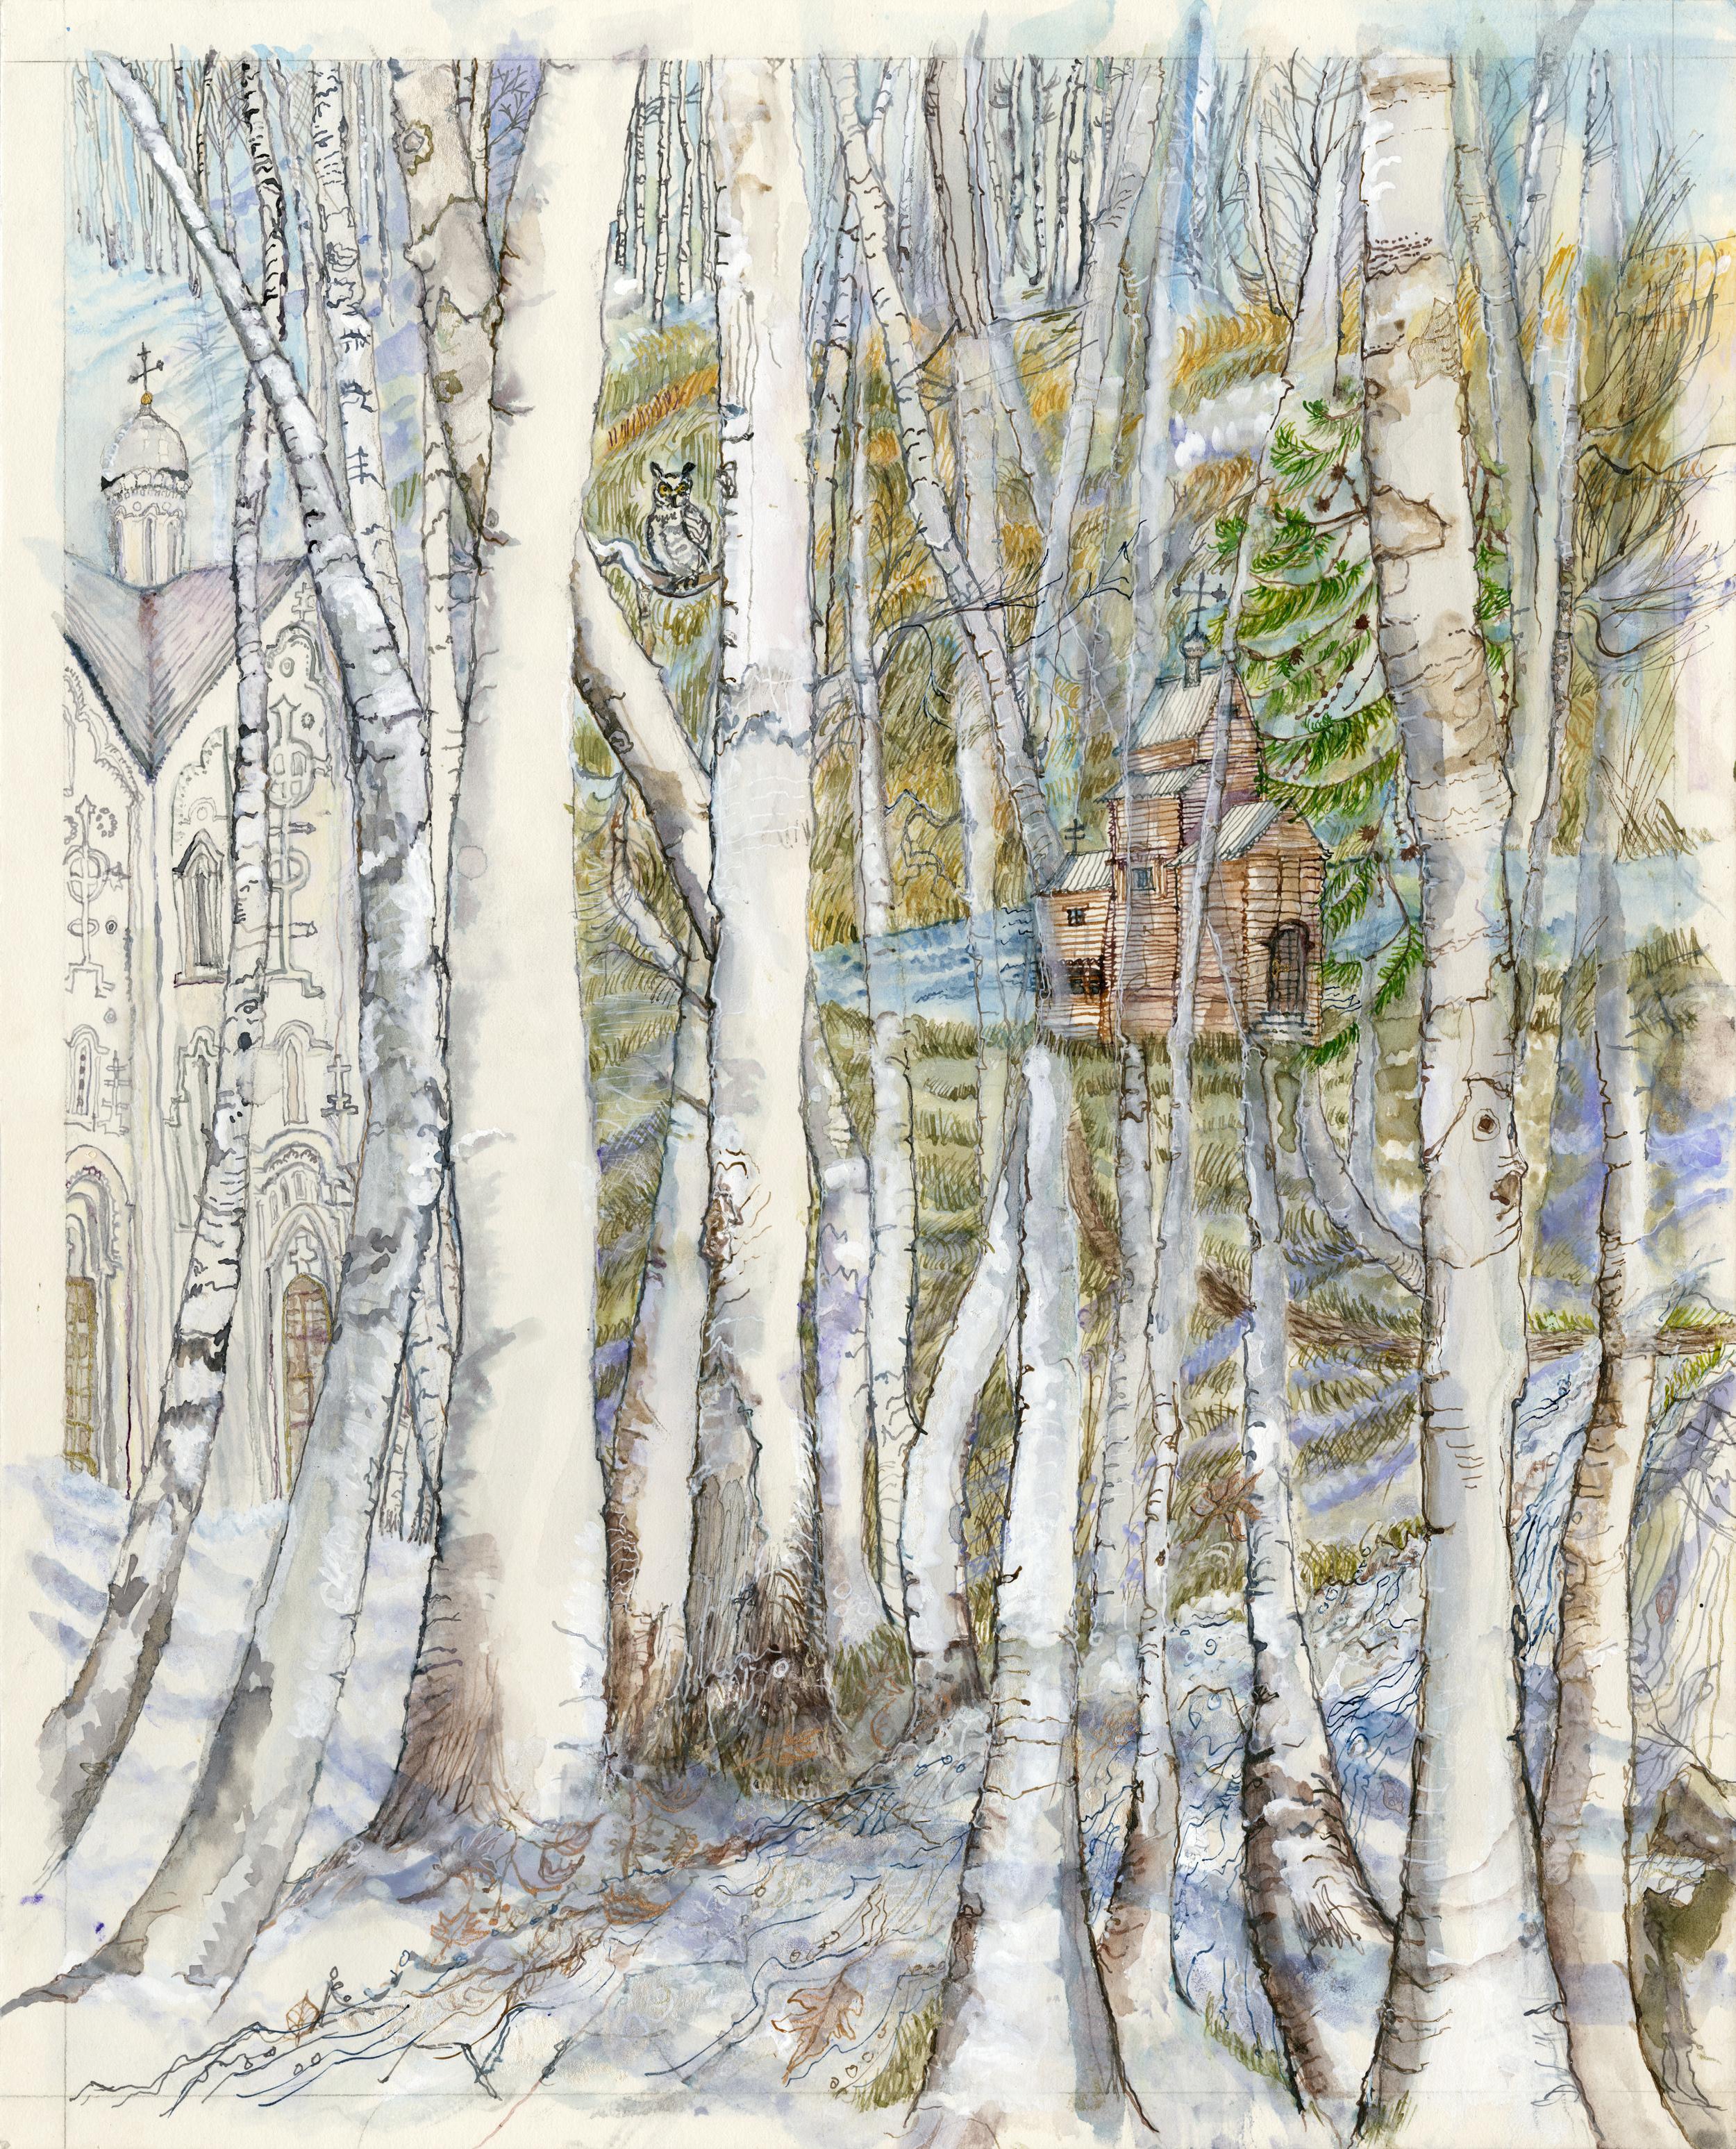 Rachmaninov Novgorod birches and churches Smaller.jpg